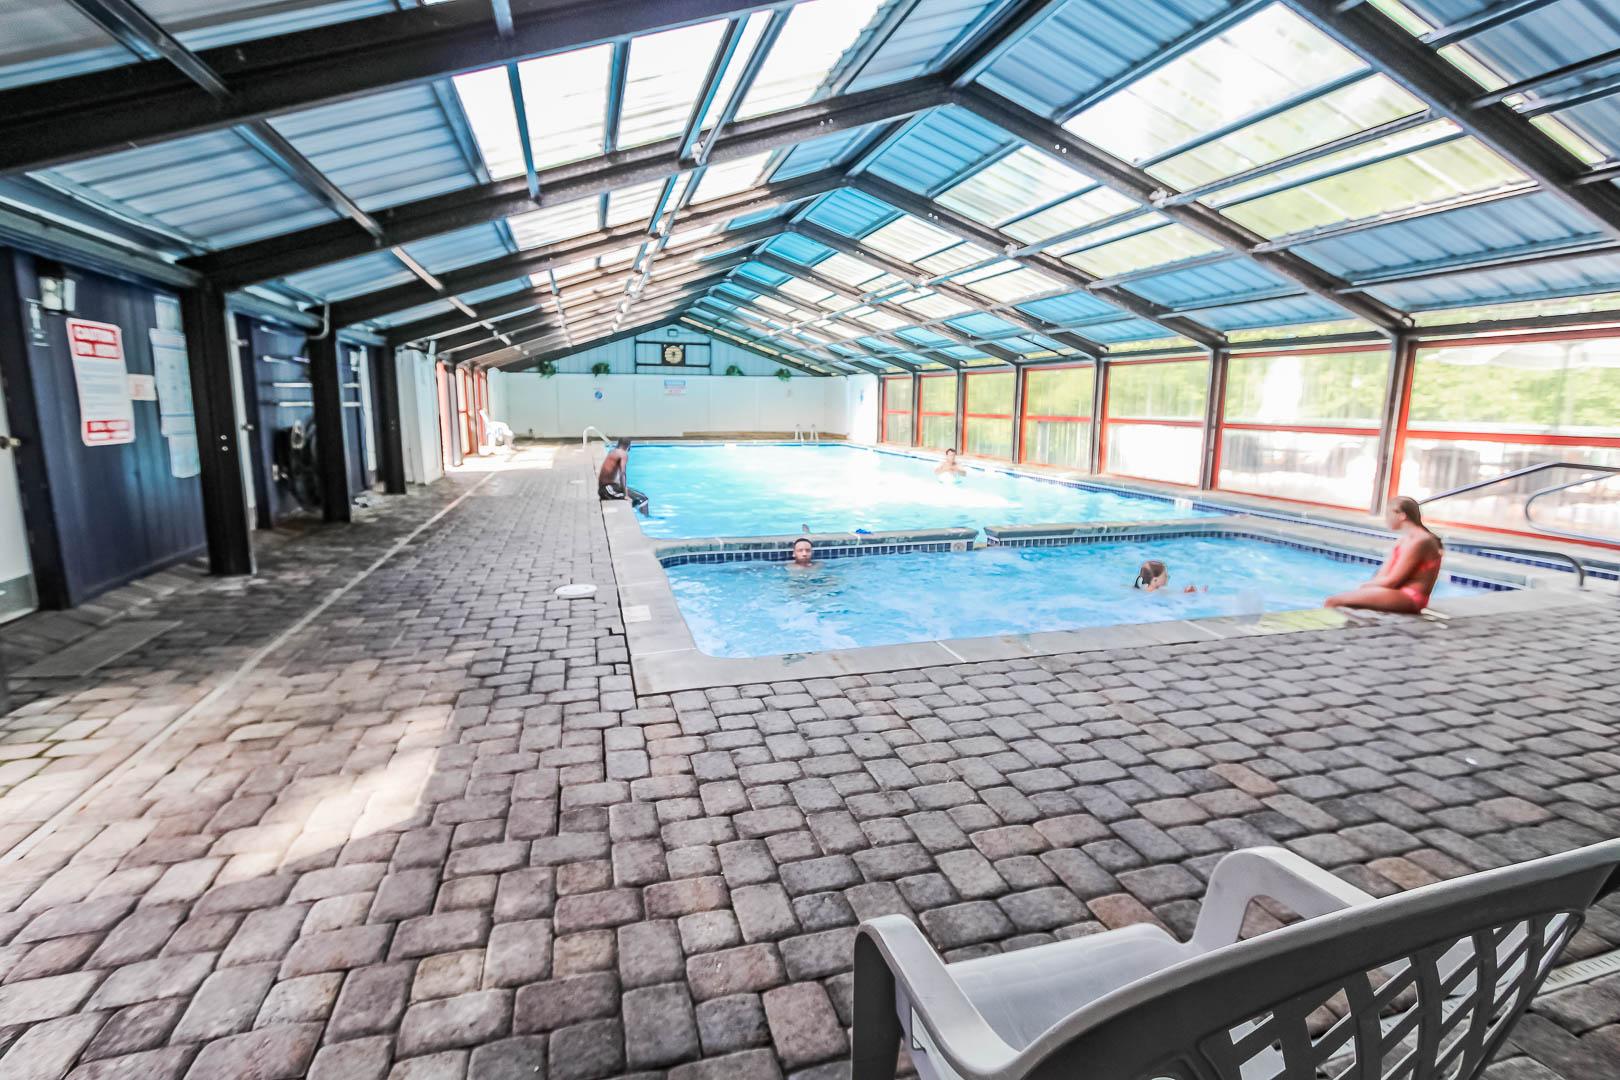 A peaceful indoor swimming pool at VRI's Alpine Crest Resort in Georgia.